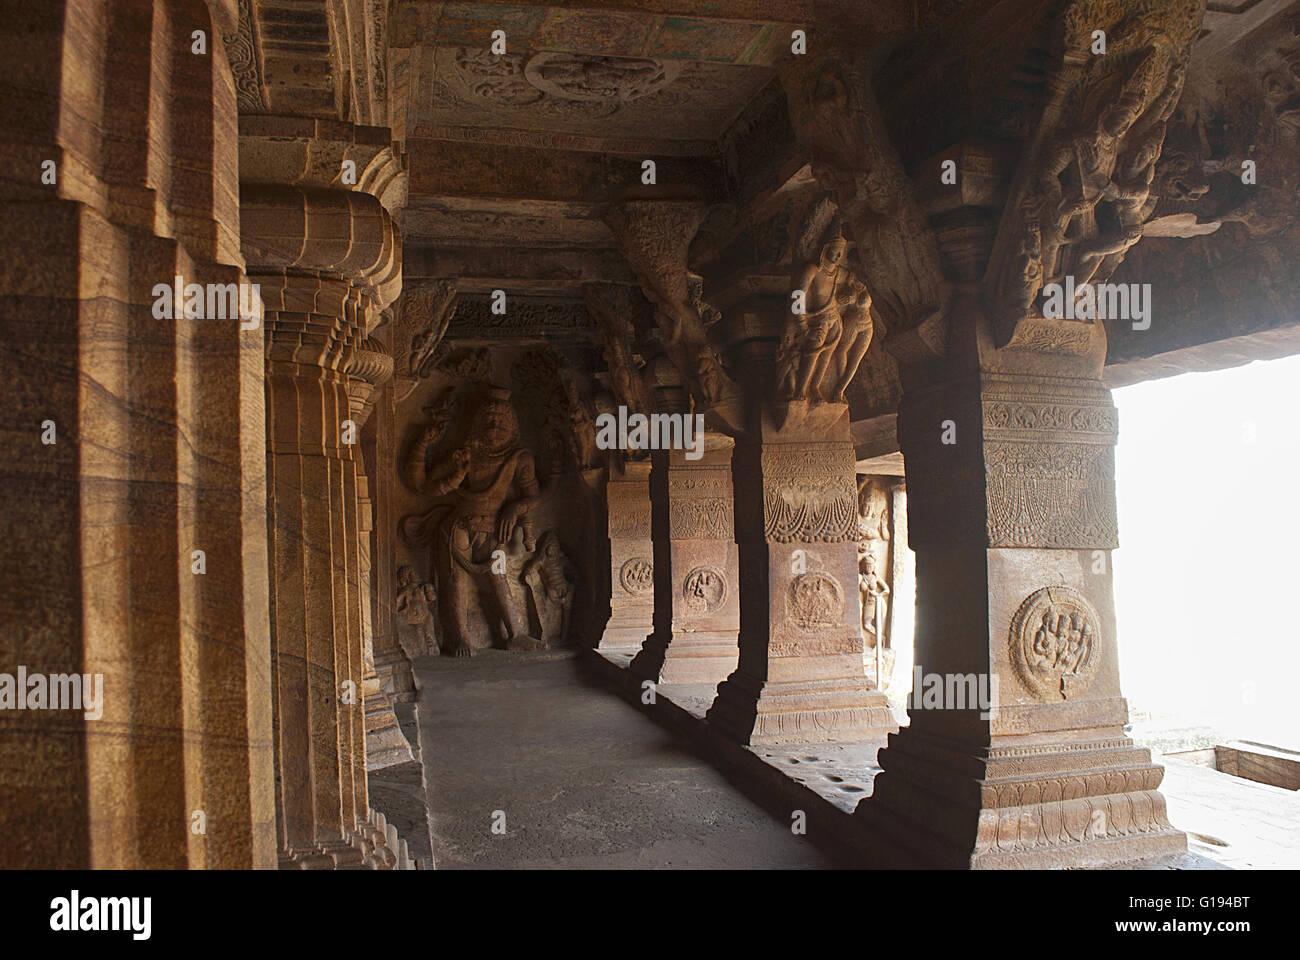 Grotta 3 : figura scolpita di Vishnu come Narasimha (metà umana e metà Lion). Staffe di fissaggio dei pilastri, ad eccezione di uno, presenta intagli di Foto Stock